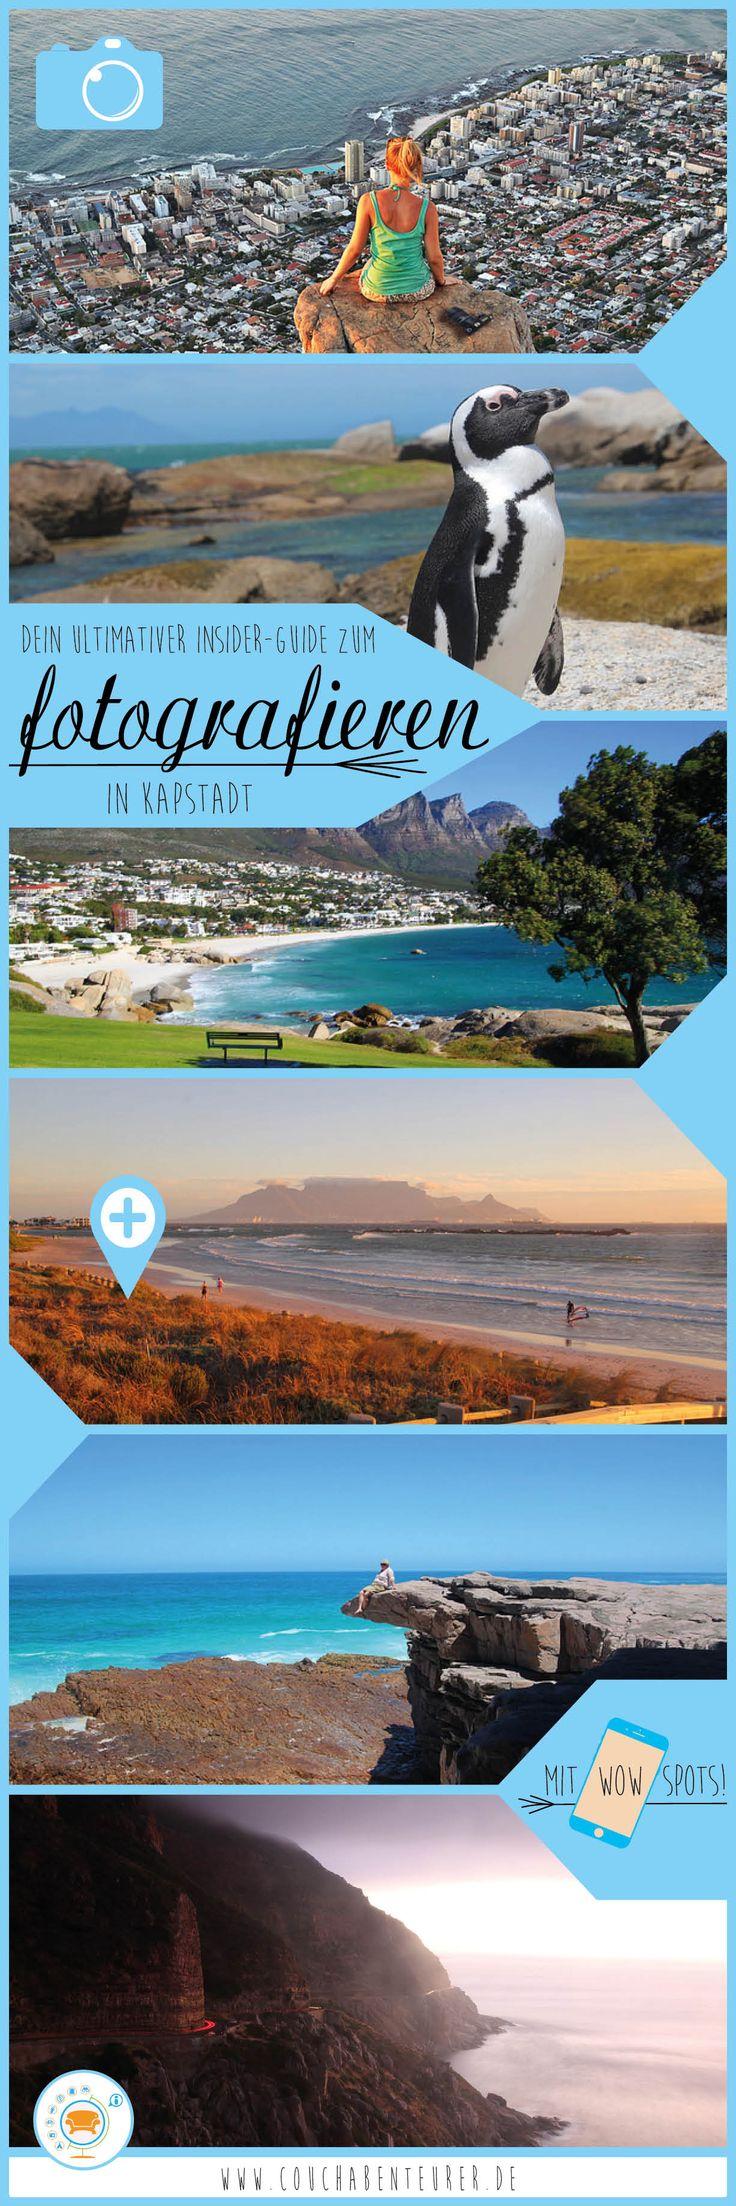 Hier ist dein ultimativer Insider-Guide zum Fotografieren in Kapstadt mit allen Links zu den besten Spots! Denn geniale Fotos aus der Mother City dürfen natürlich auf keiner Südafrika-Reise fehlen. Mit meinem Tipps findest du garantiert die Locations, die dir richtig viel Aufmerksamkeit auf Instagram bringen!